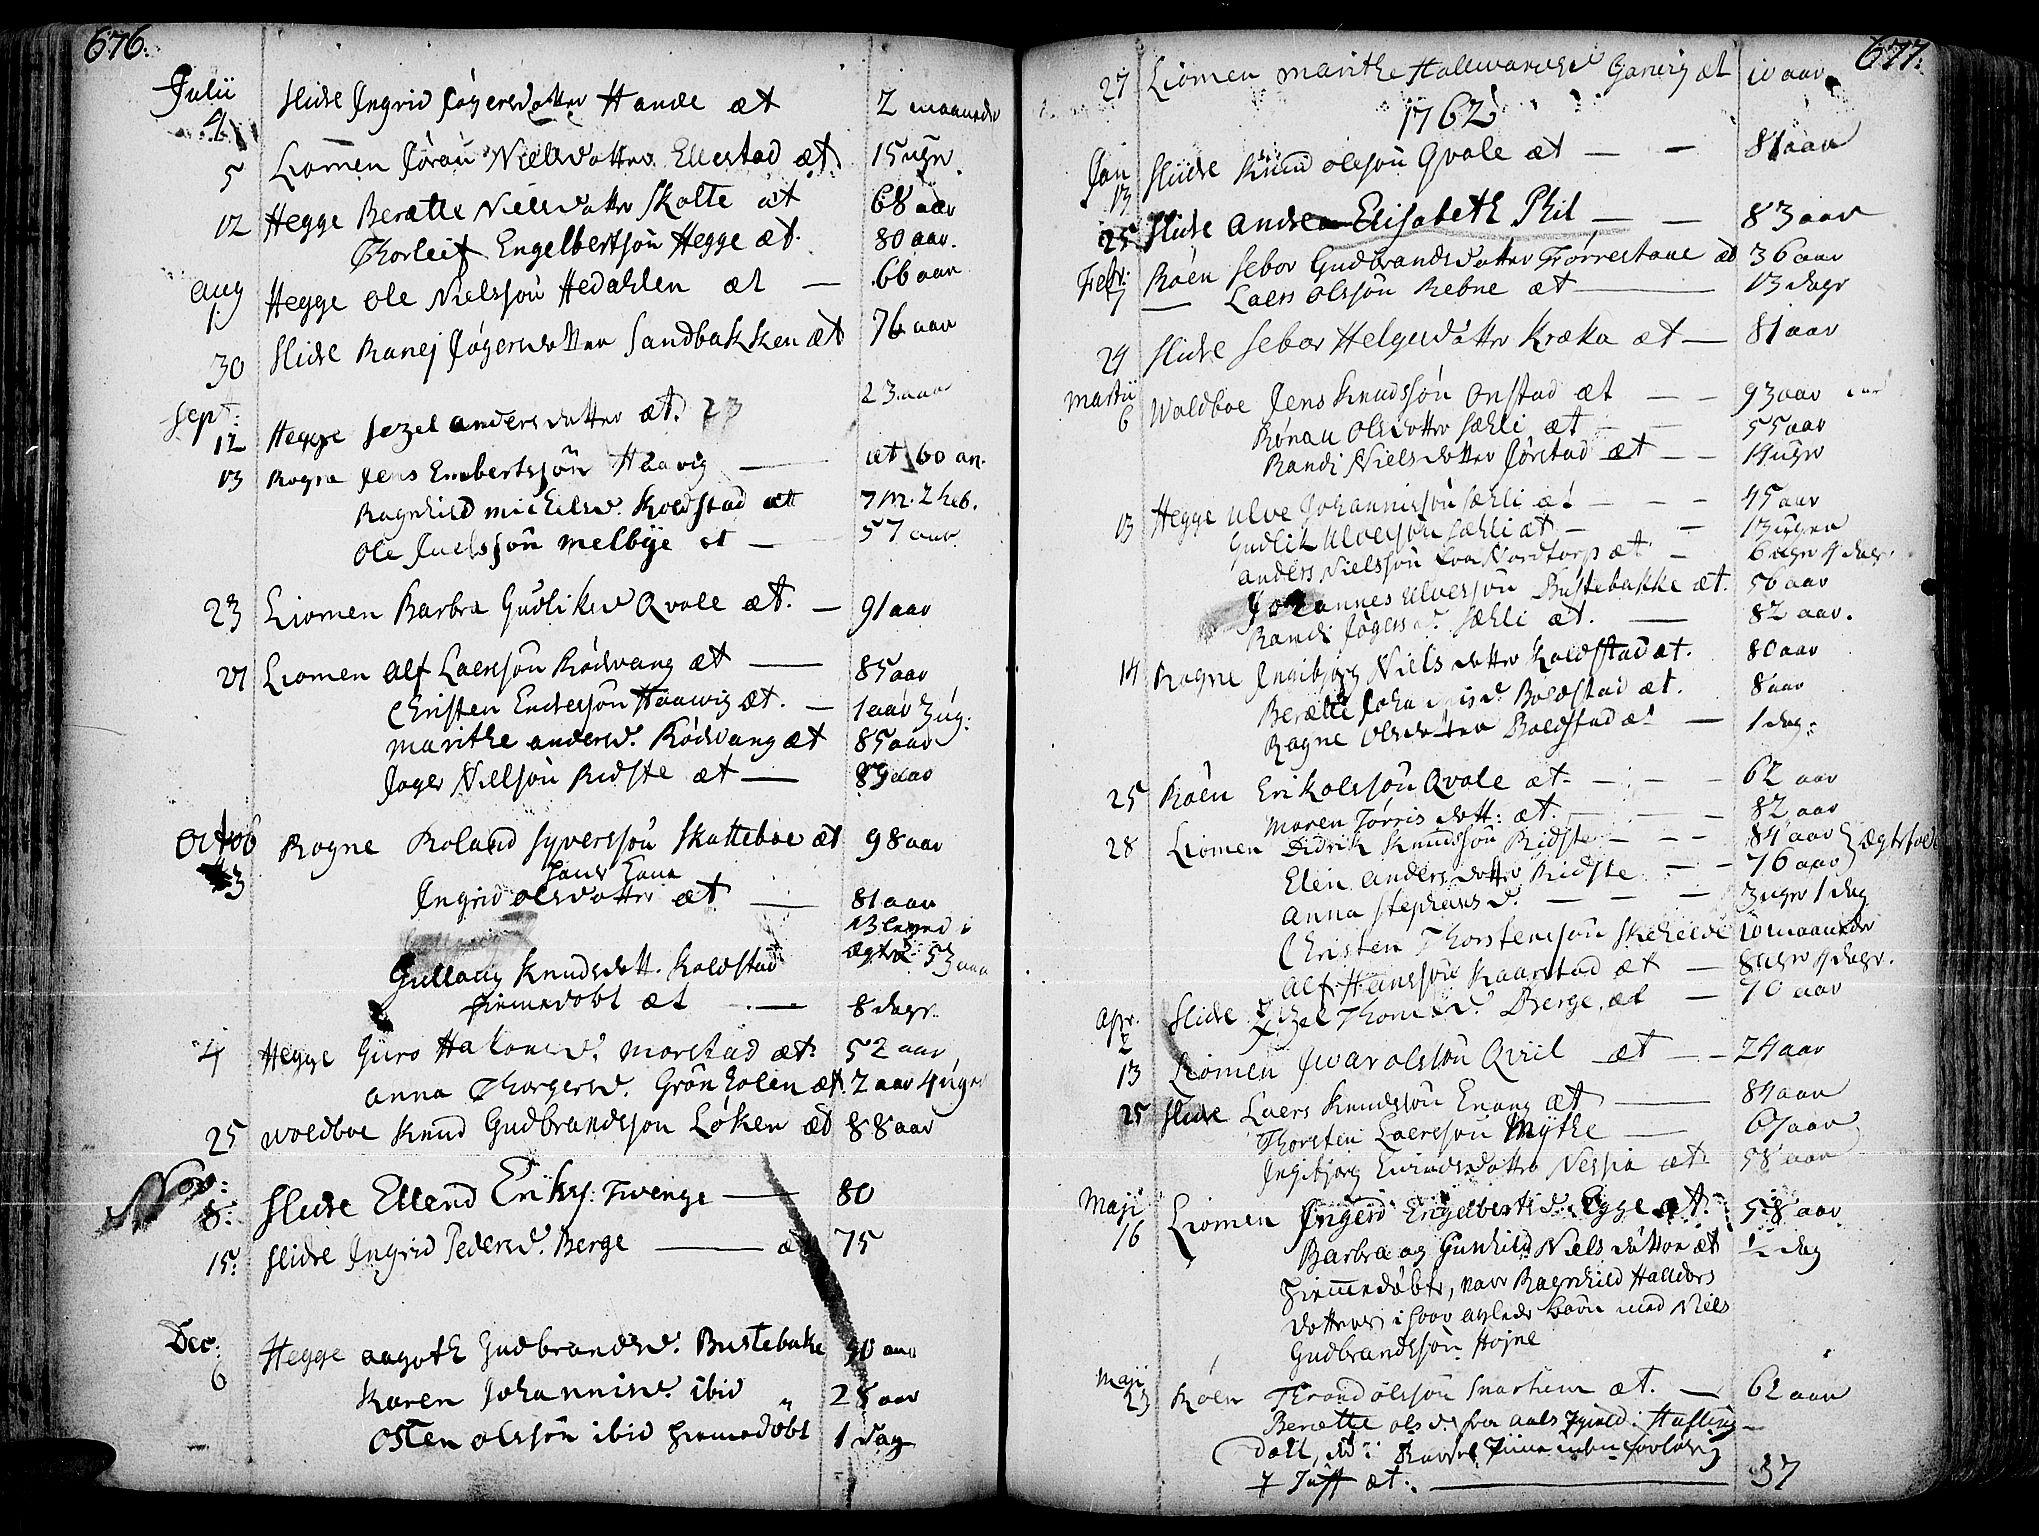 SAH, Slidre prestekontor, Ministerialbok nr. 1, 1724-1814, s. 676-677